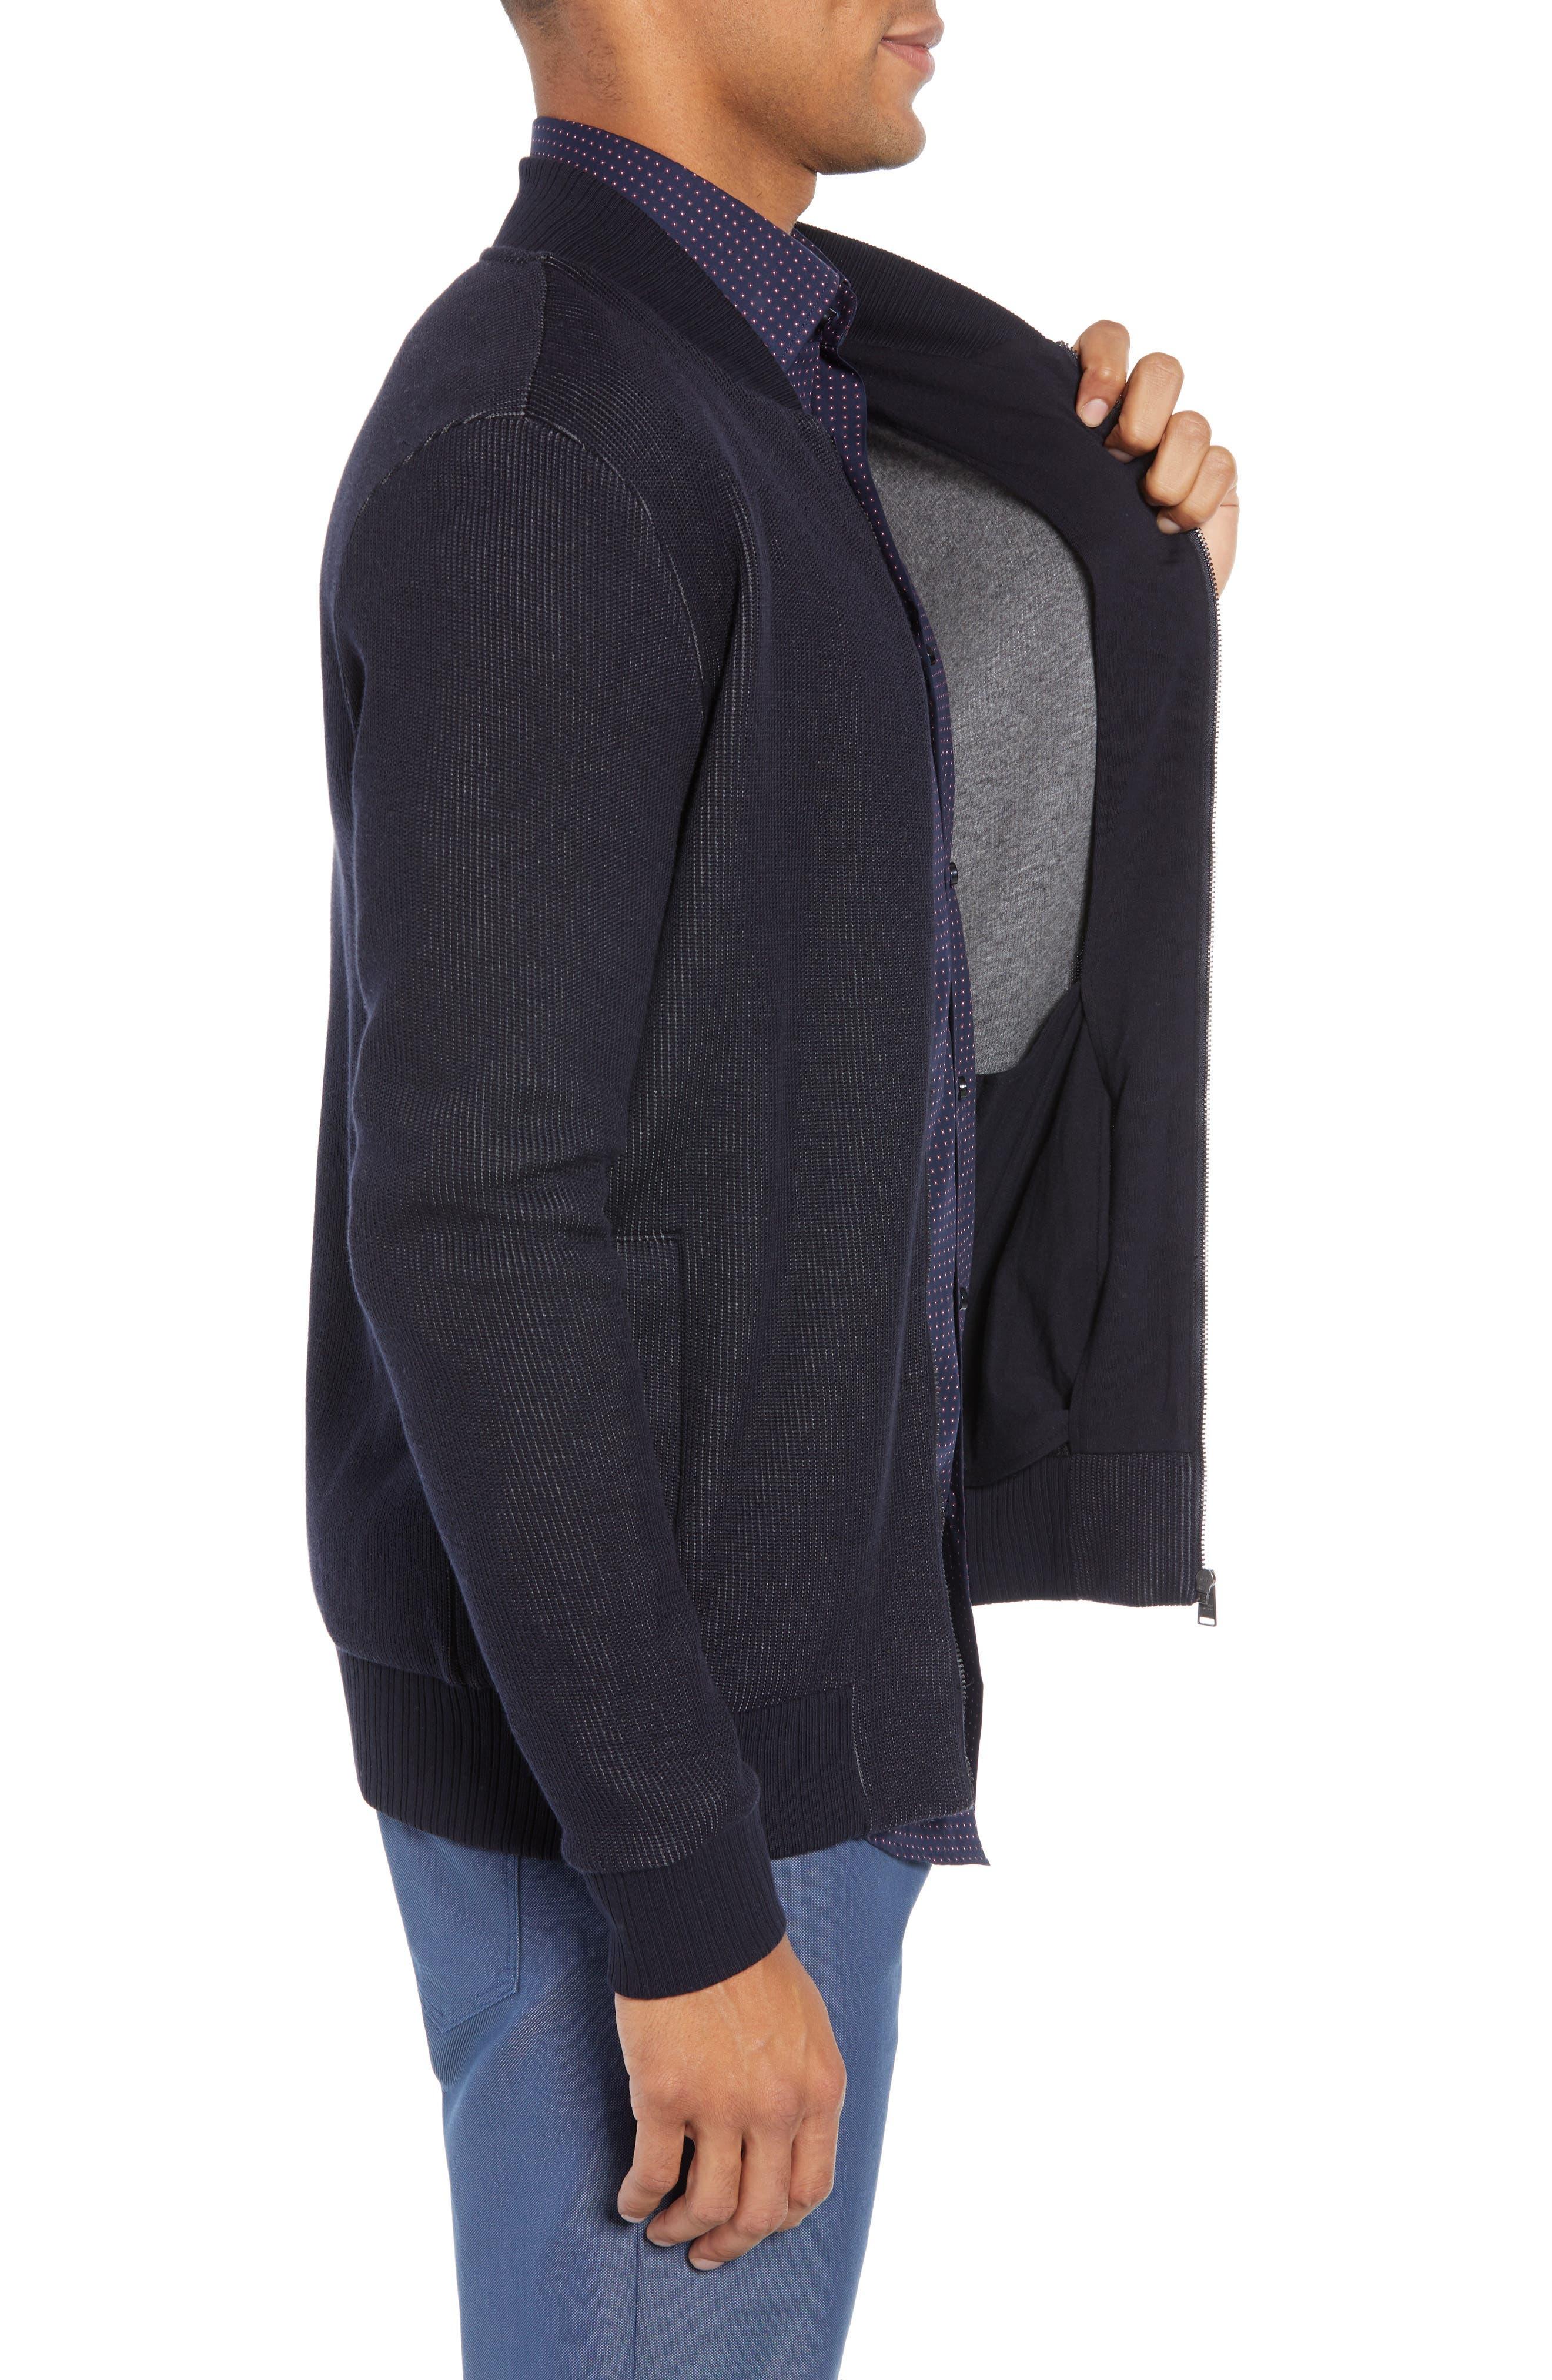 BOSS, Salea Slim Fit Sweatshirt Jacket, Alternate thumbnail 4, color, BLUE